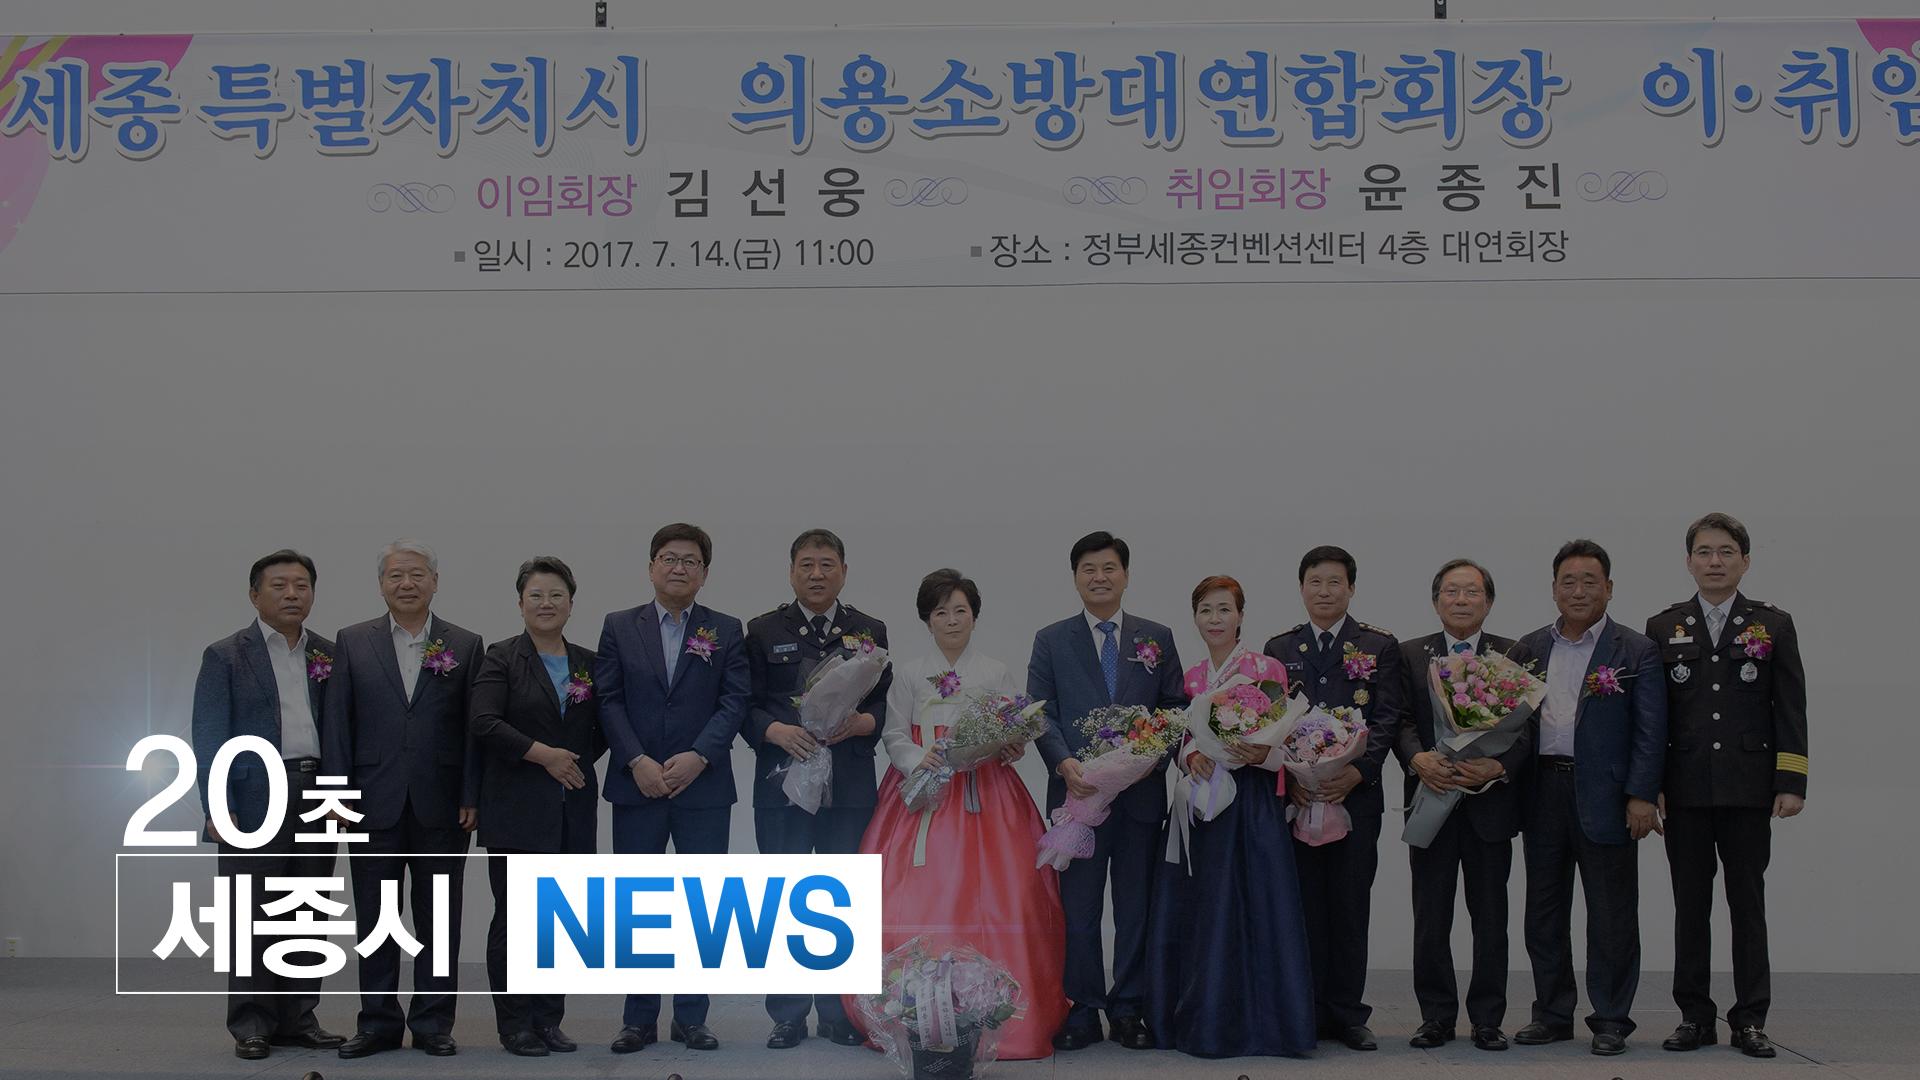 <20초뉴스>  세종시 의용소방대연합회장 이 취임식